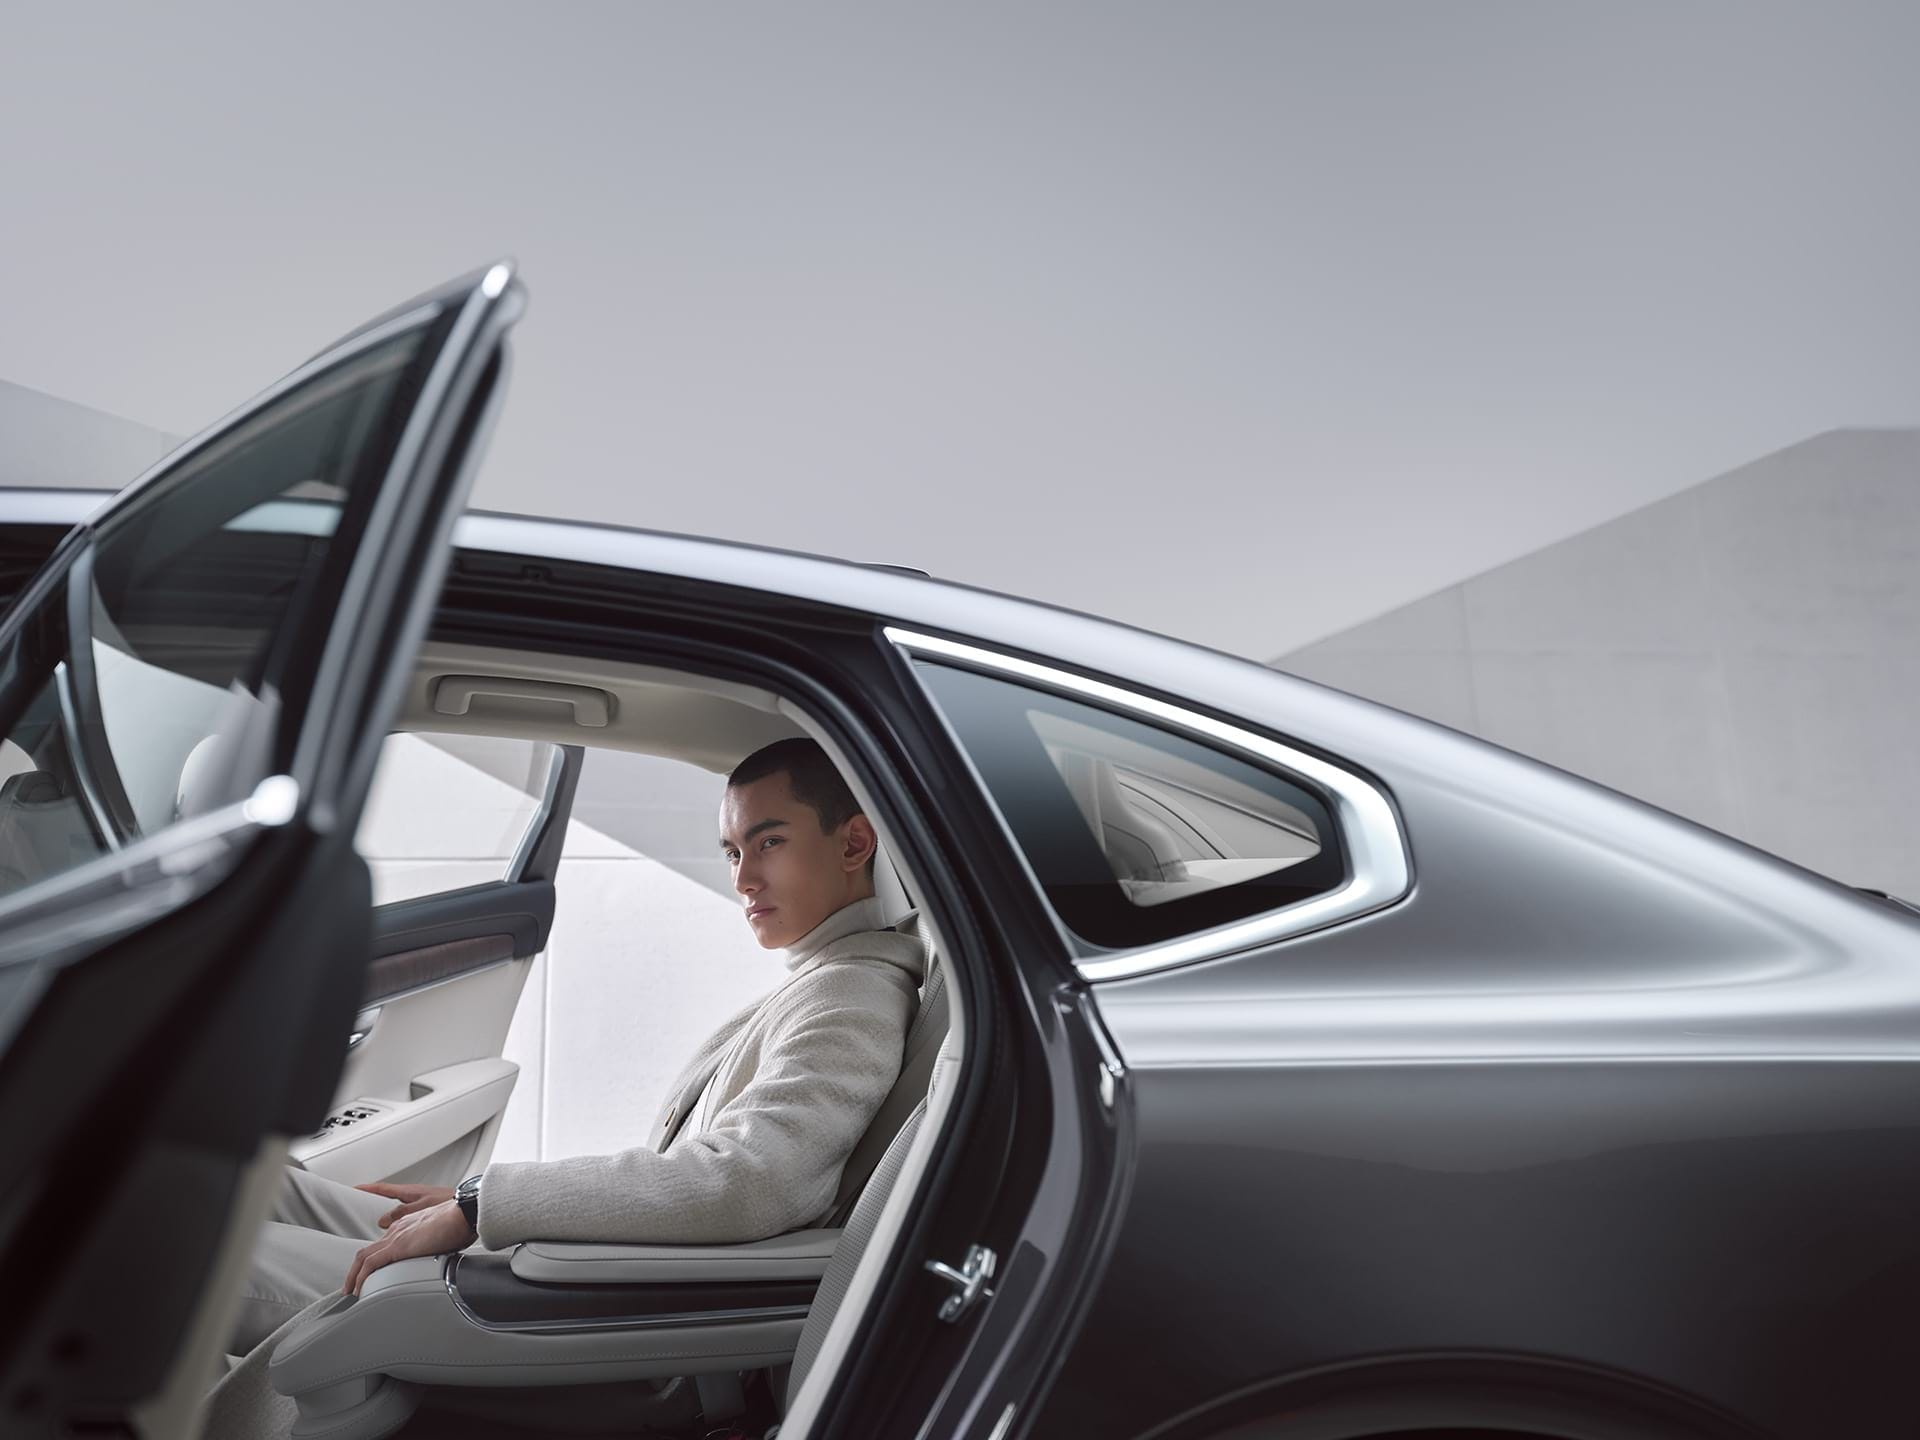 رجل يجلس في المقعد الخلفي لفولفو S90 Recharge.